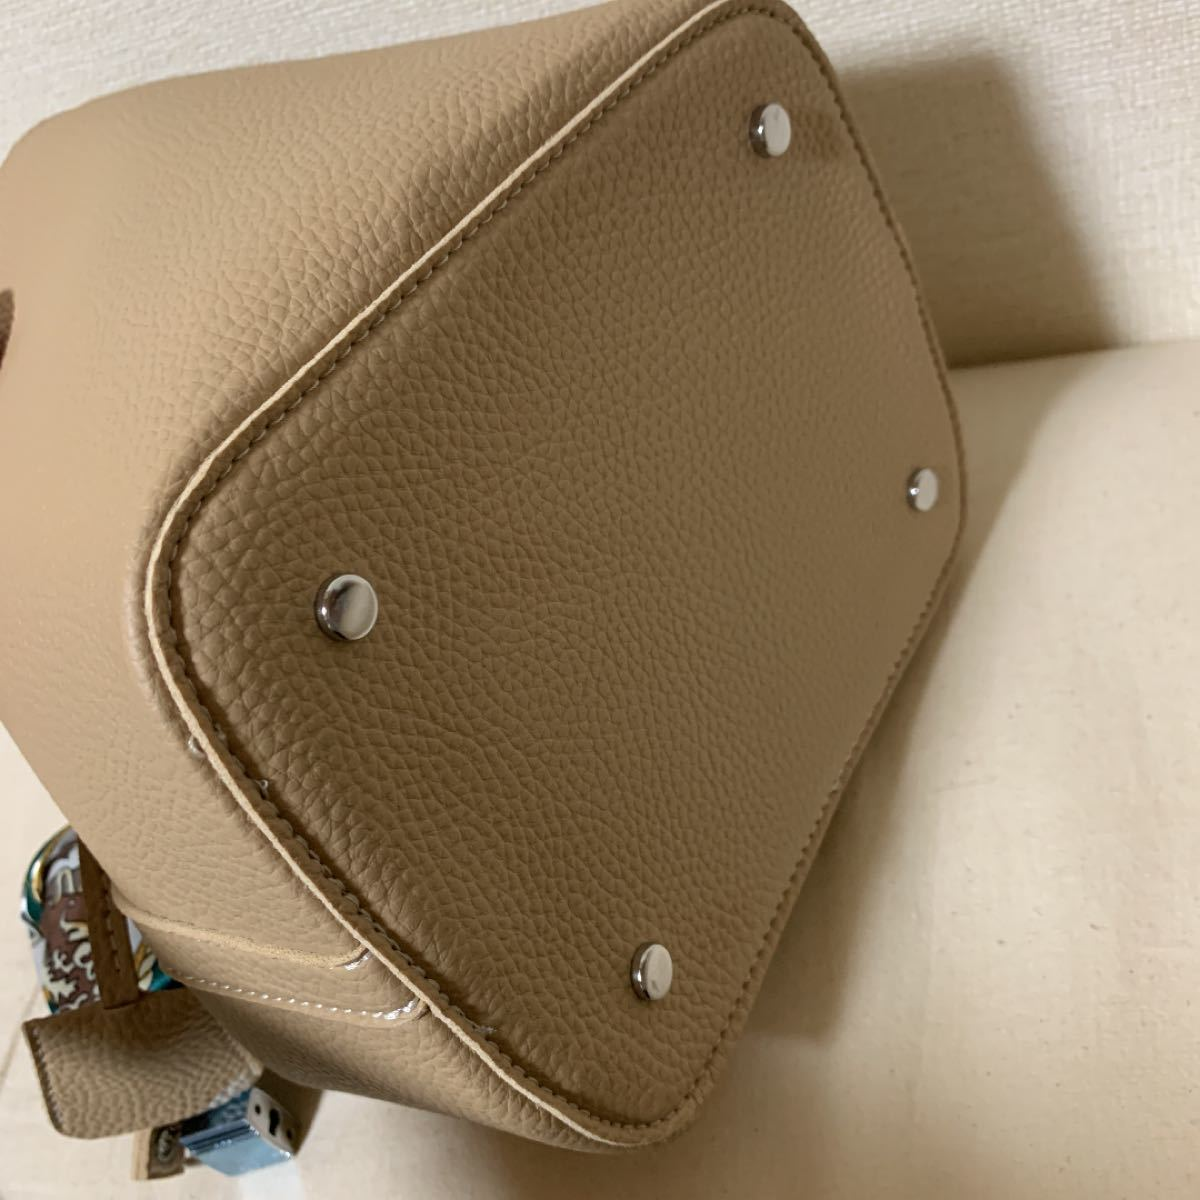 ハンドバッグ スカーフリボン 付きバケット型 キューブバッグ トートバッグ